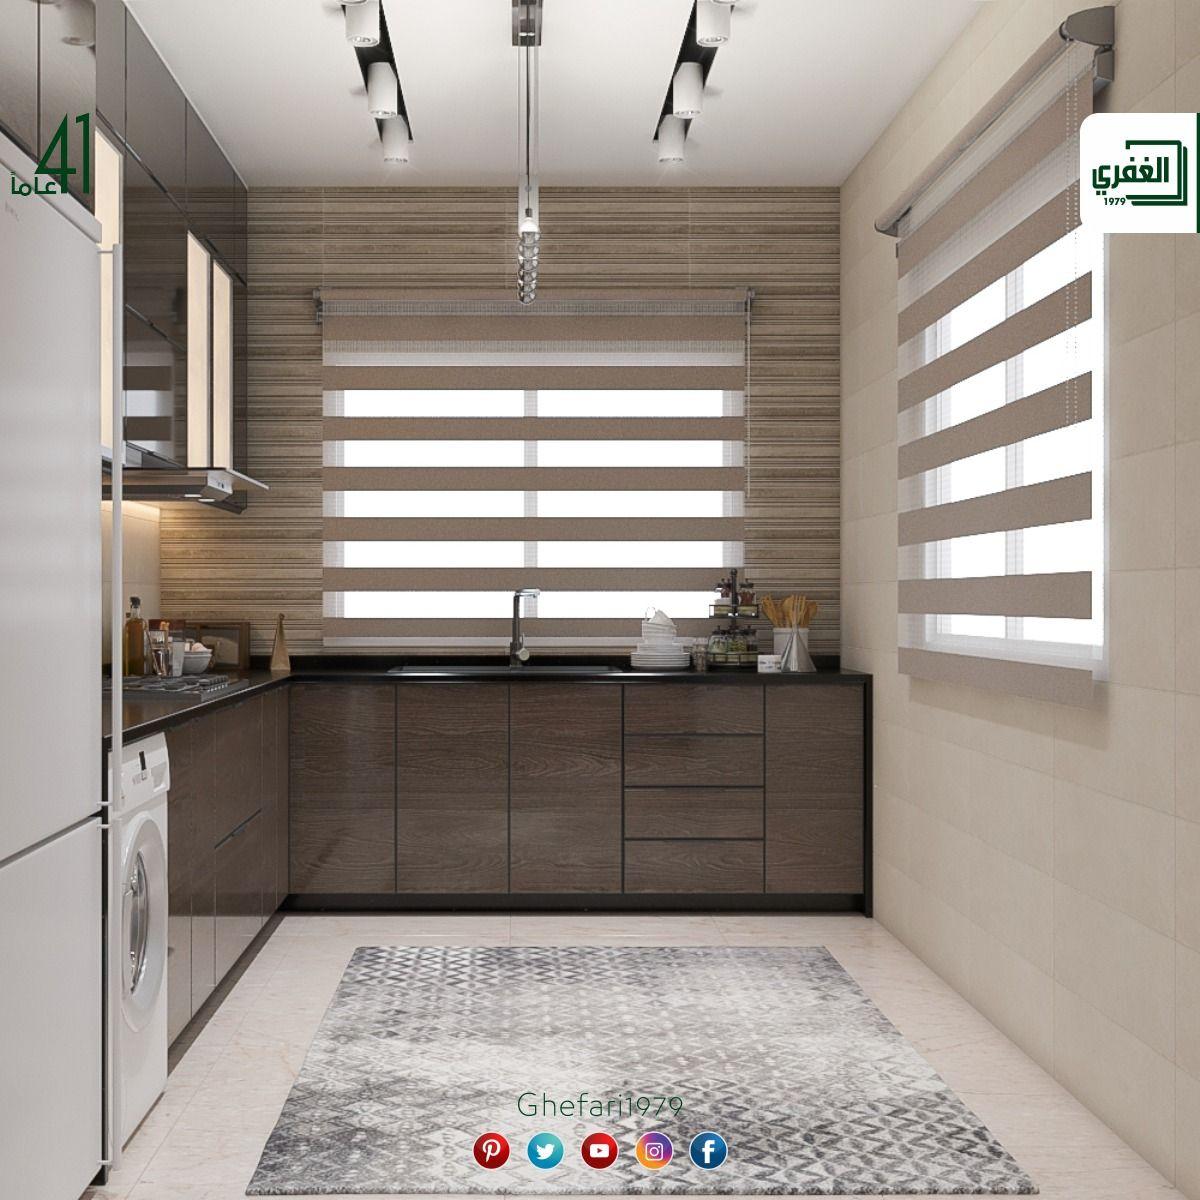 بلاط أسباني ديكور للاستخدام داخل الحمامات والمطابخ للمزيد زورونا على موقع الشركة Https Www Ghefari Com Ar Brique Placage وات Home Decor Home Room Divider